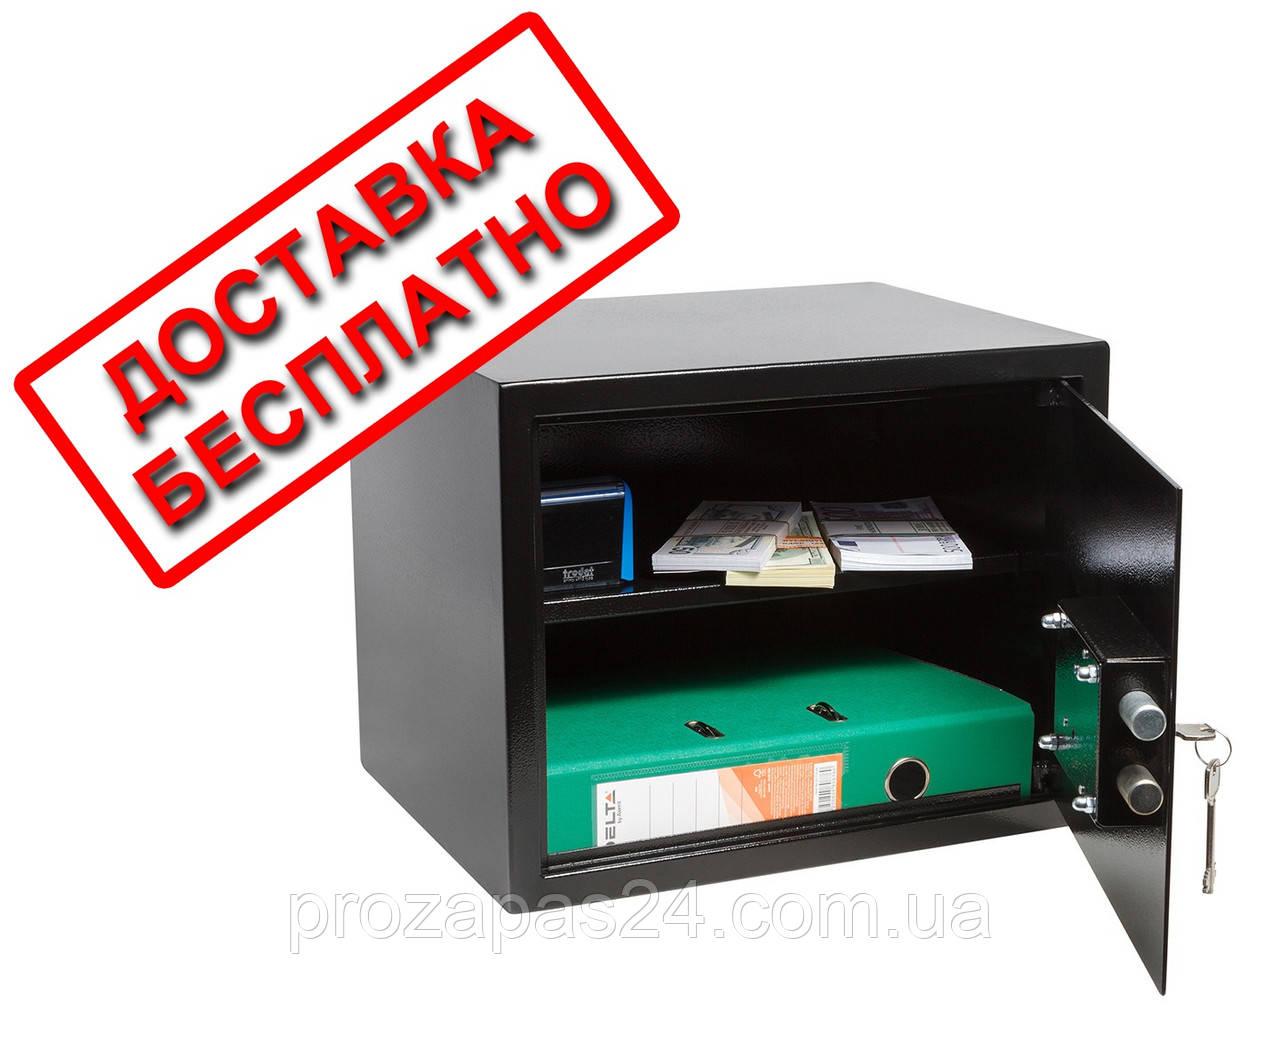 Сейф мебельный черный СМК-3010 для дома офиса ВхШхГ 30х38х30см